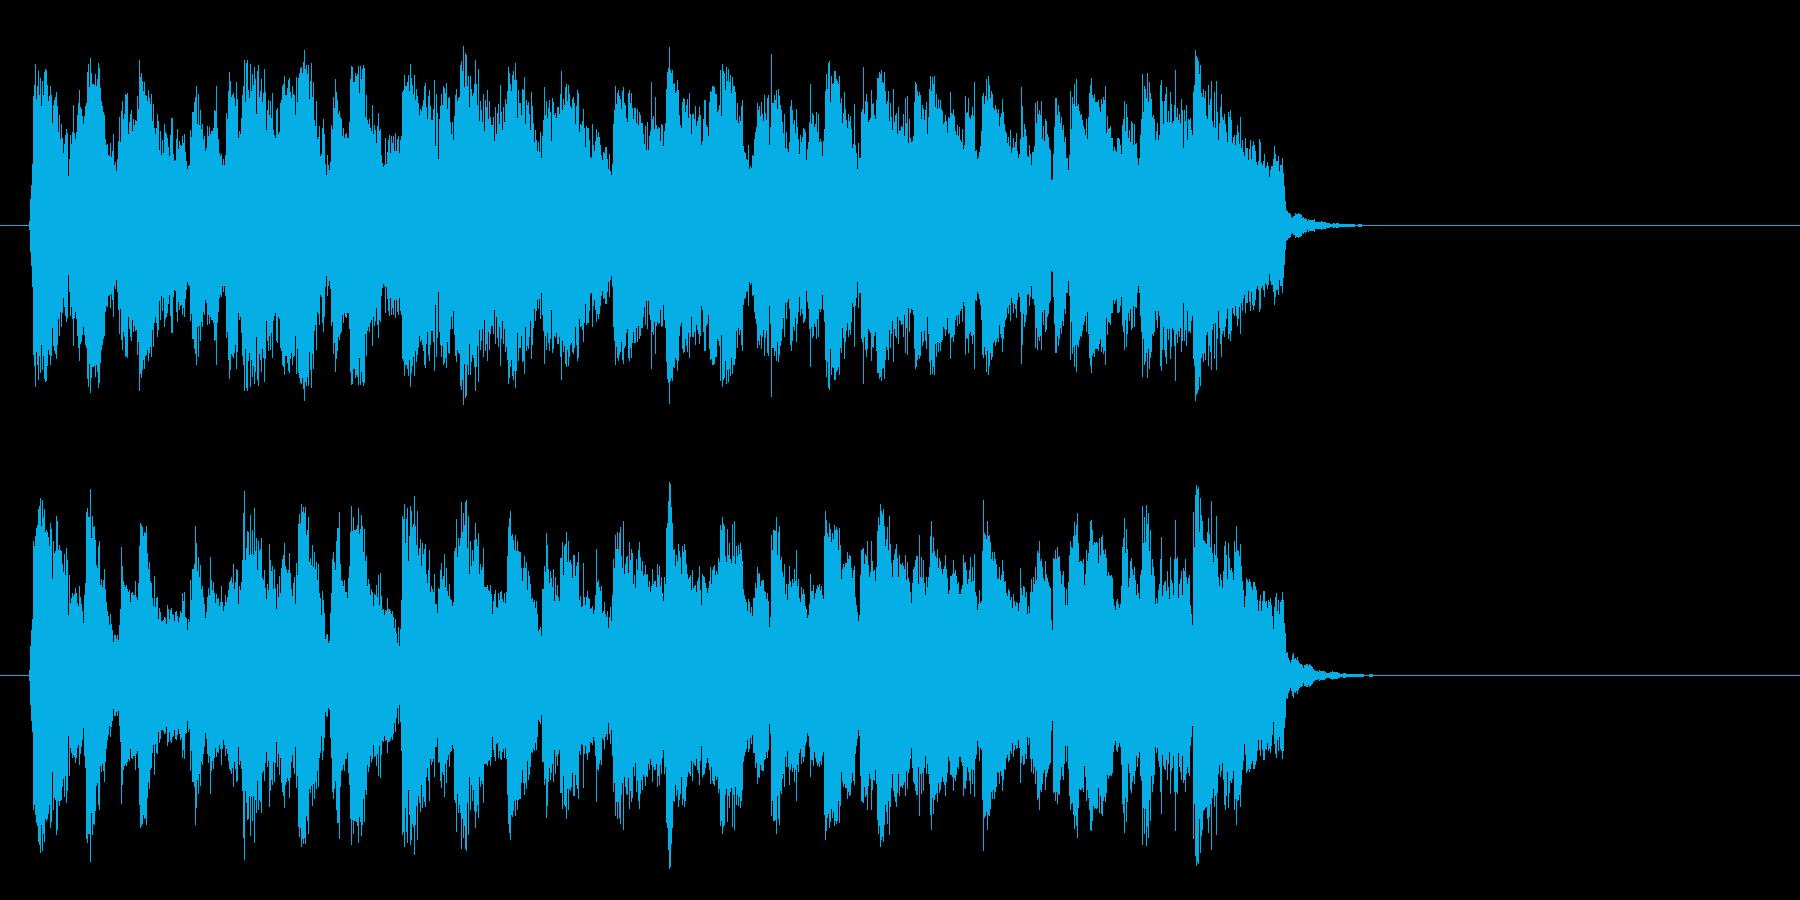 懐しいビッグバンドジャズ(イントロ)の再生済みの波形